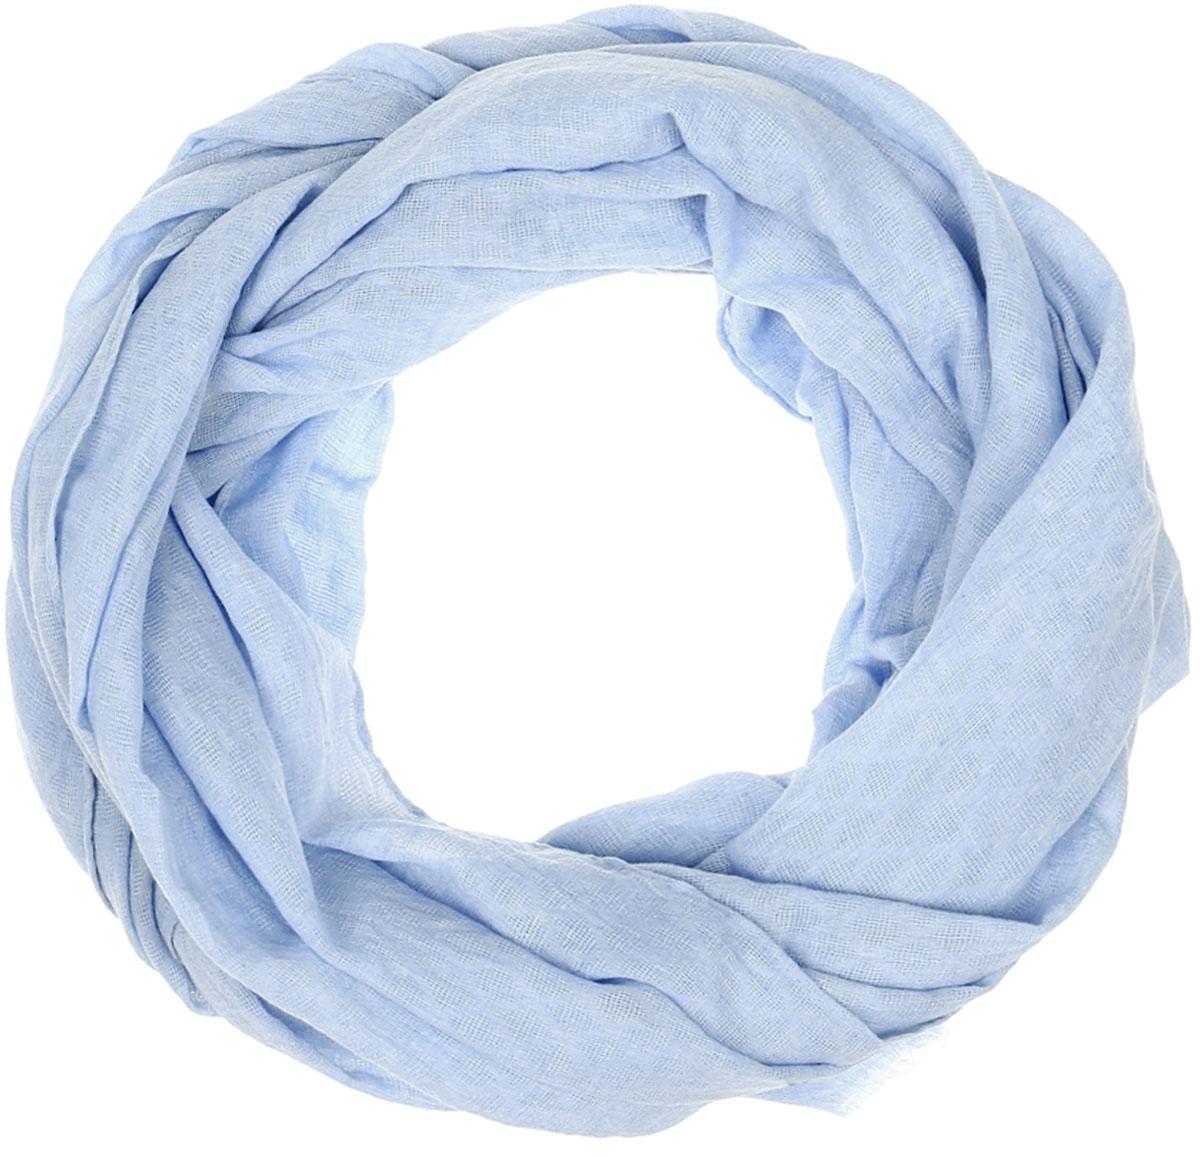 Палантин женский Vittorio Richi, цвет: голубой. Ro02PS1633/4. Размер 70 см х 180 смRo02PS1633/4Легкий палантин Vittorio Rich изготовлен из полиэстера и шелка. Однотонный палантин оформлен выработкой ажурные ромбы. Обработка кромки - подрубка.